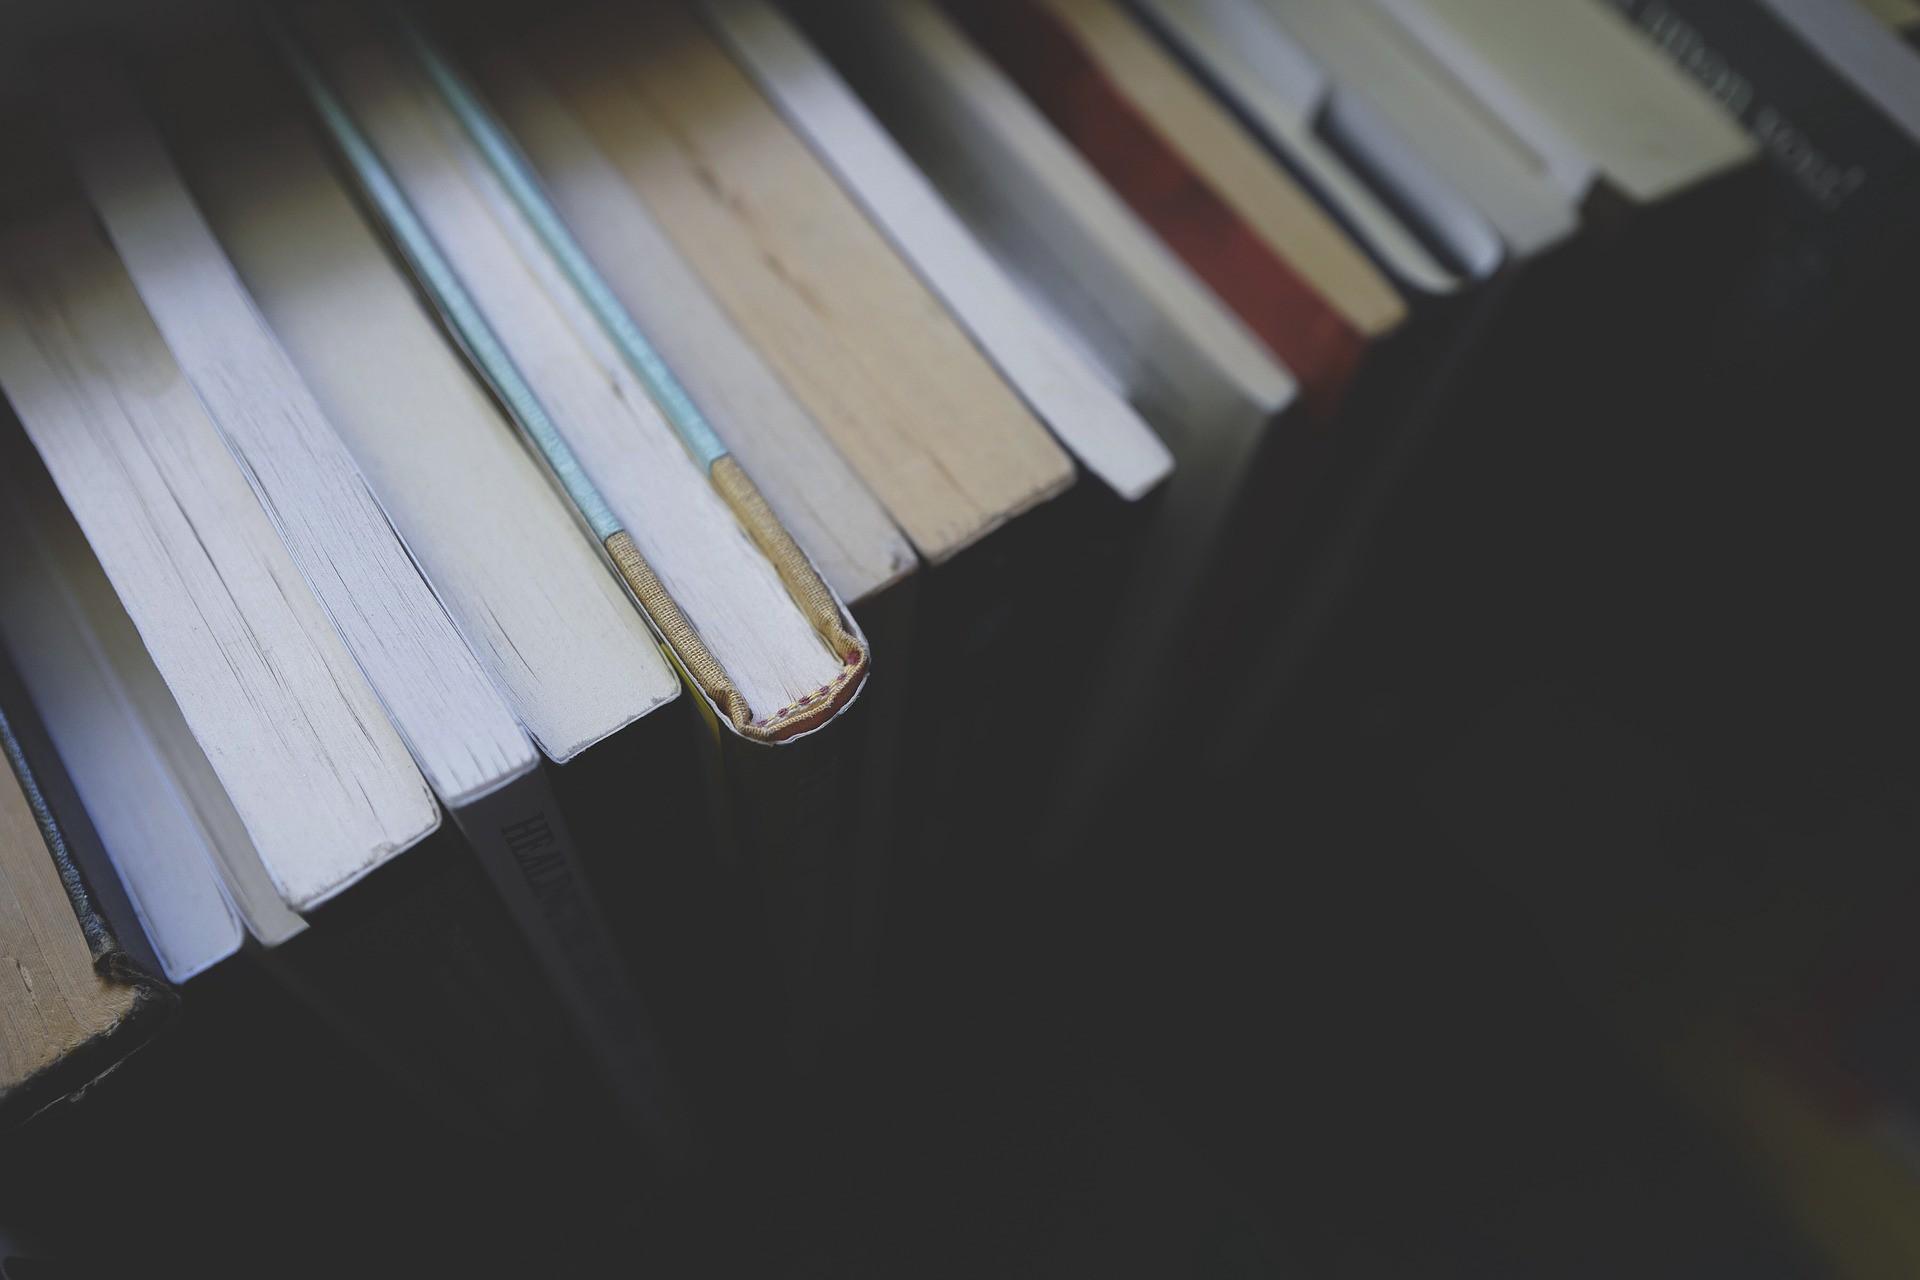 /5-books-every-founder-must-read-9e7fa03e6b5a feature image